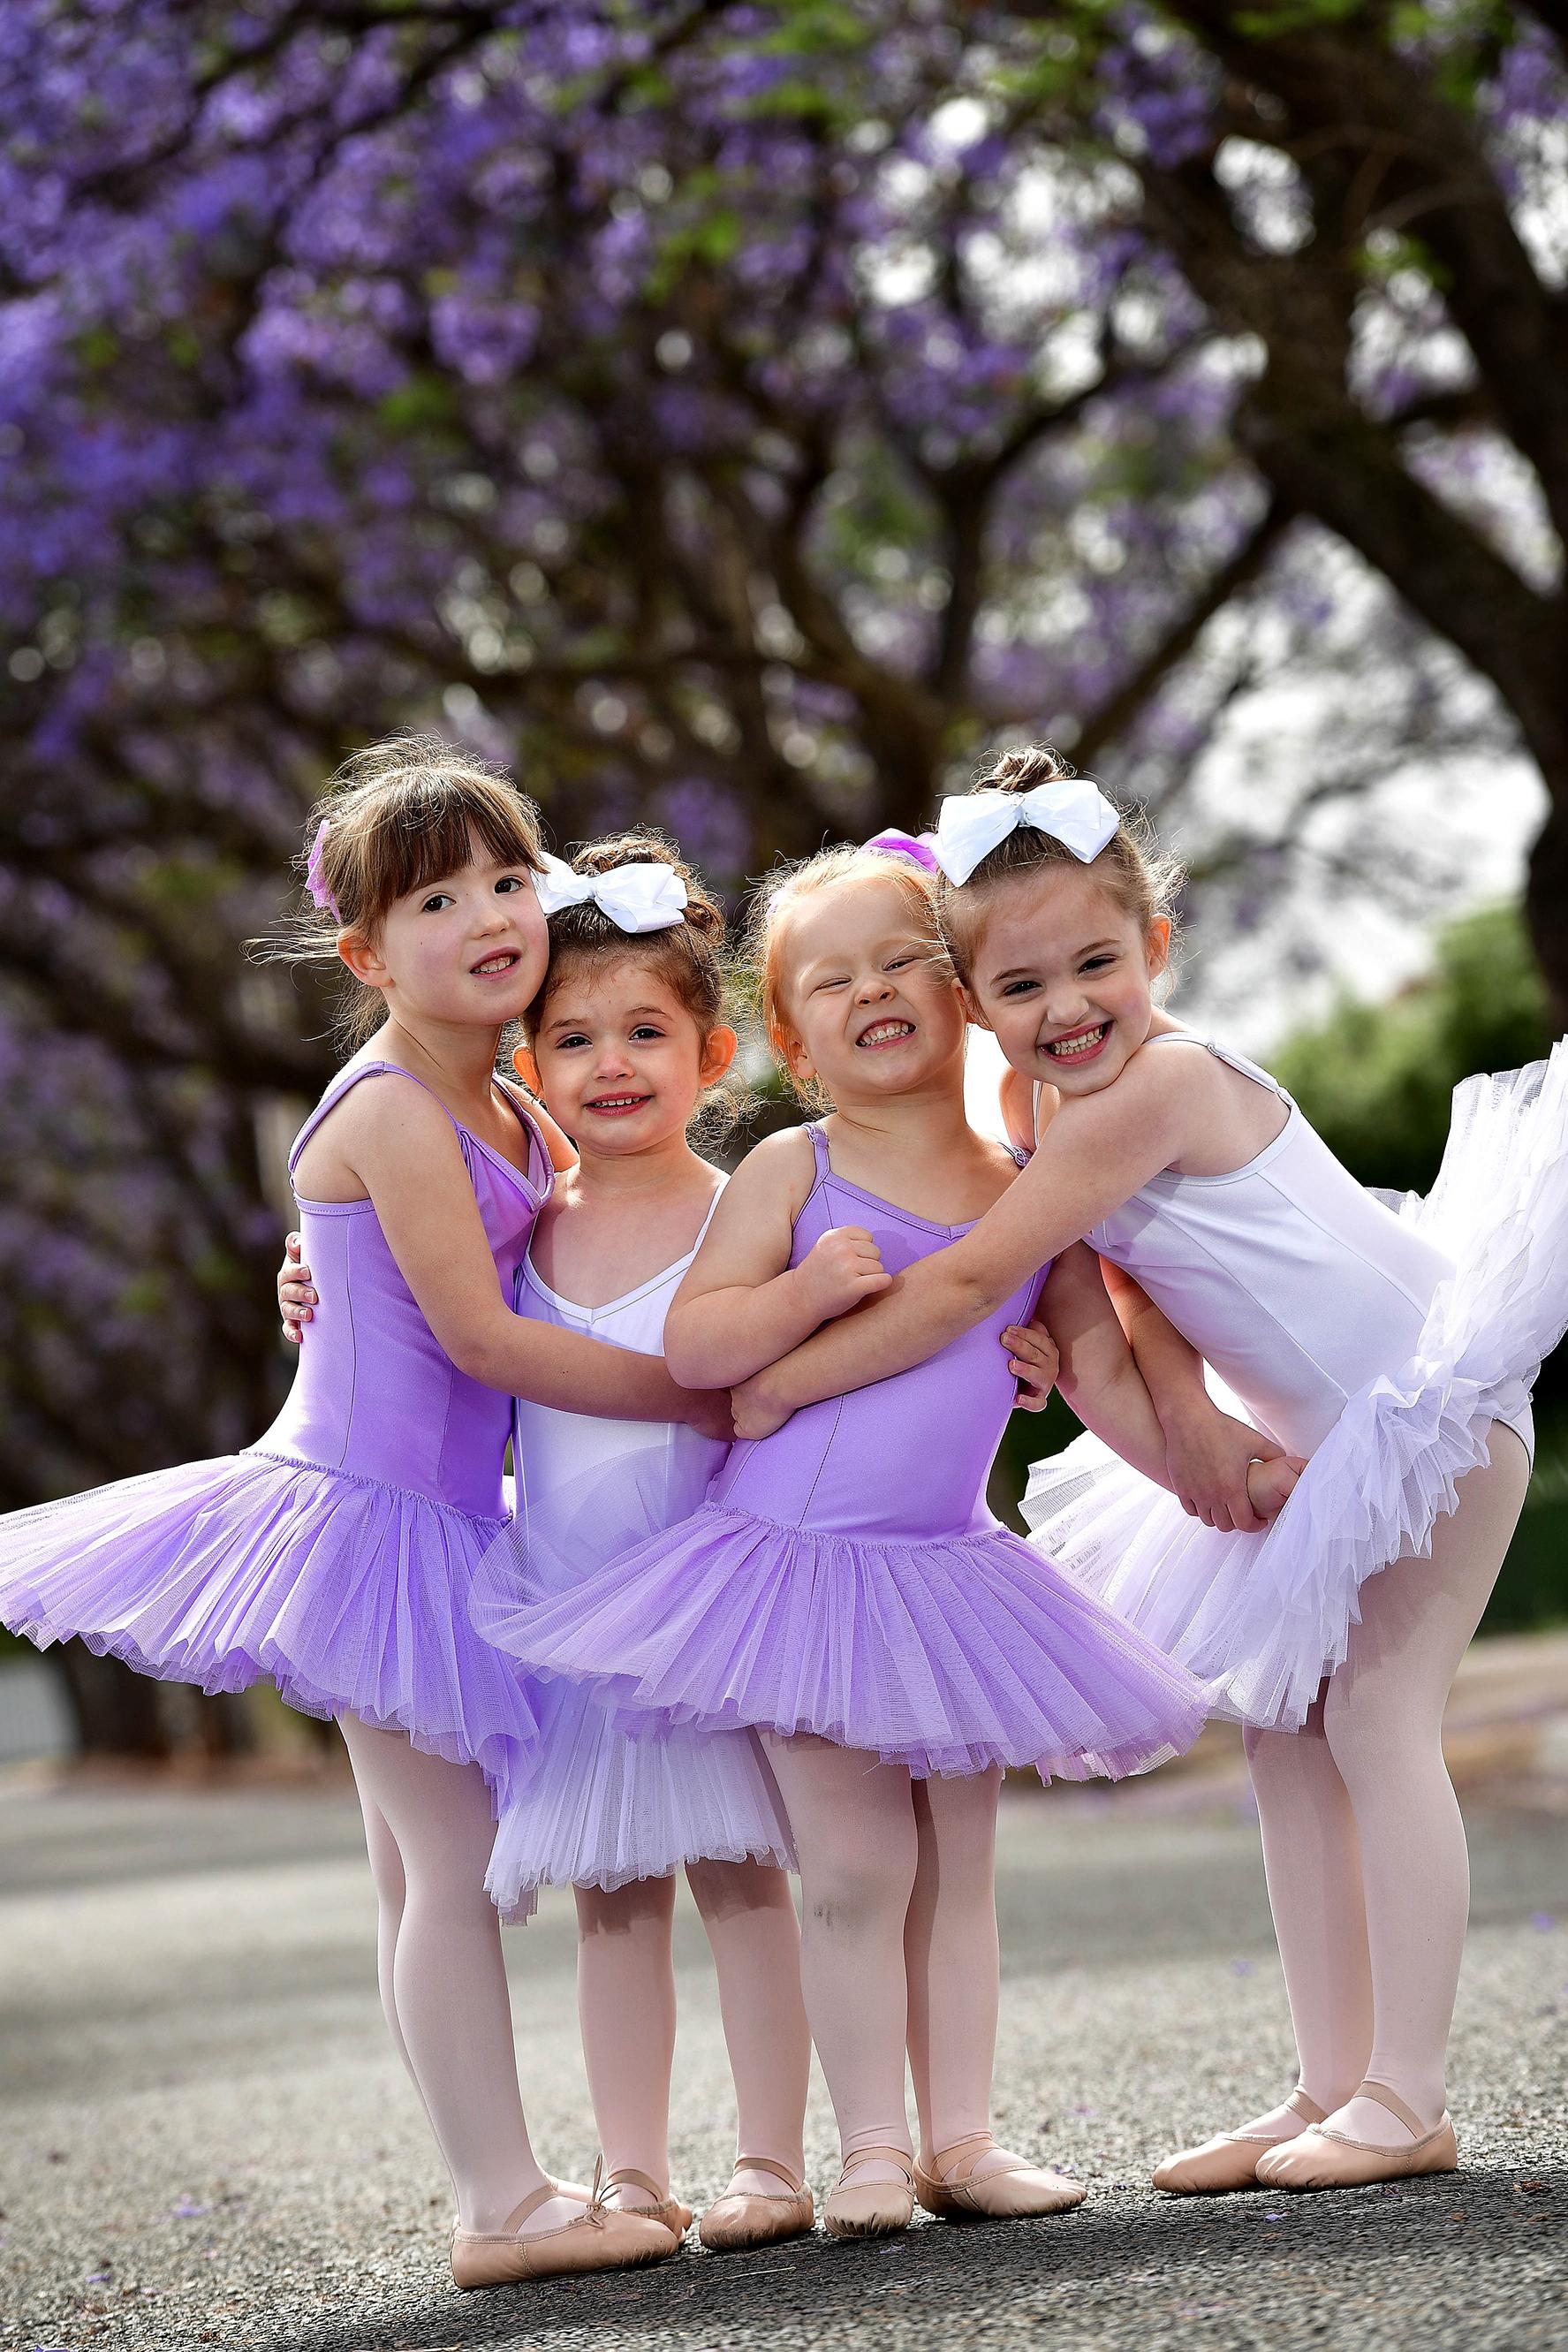 CHP_Export_168114059_Ballerina's Ginger Harding 3  Violette Egan-Abbott 3 Matilda Ezard 25- mum Shan.jpg